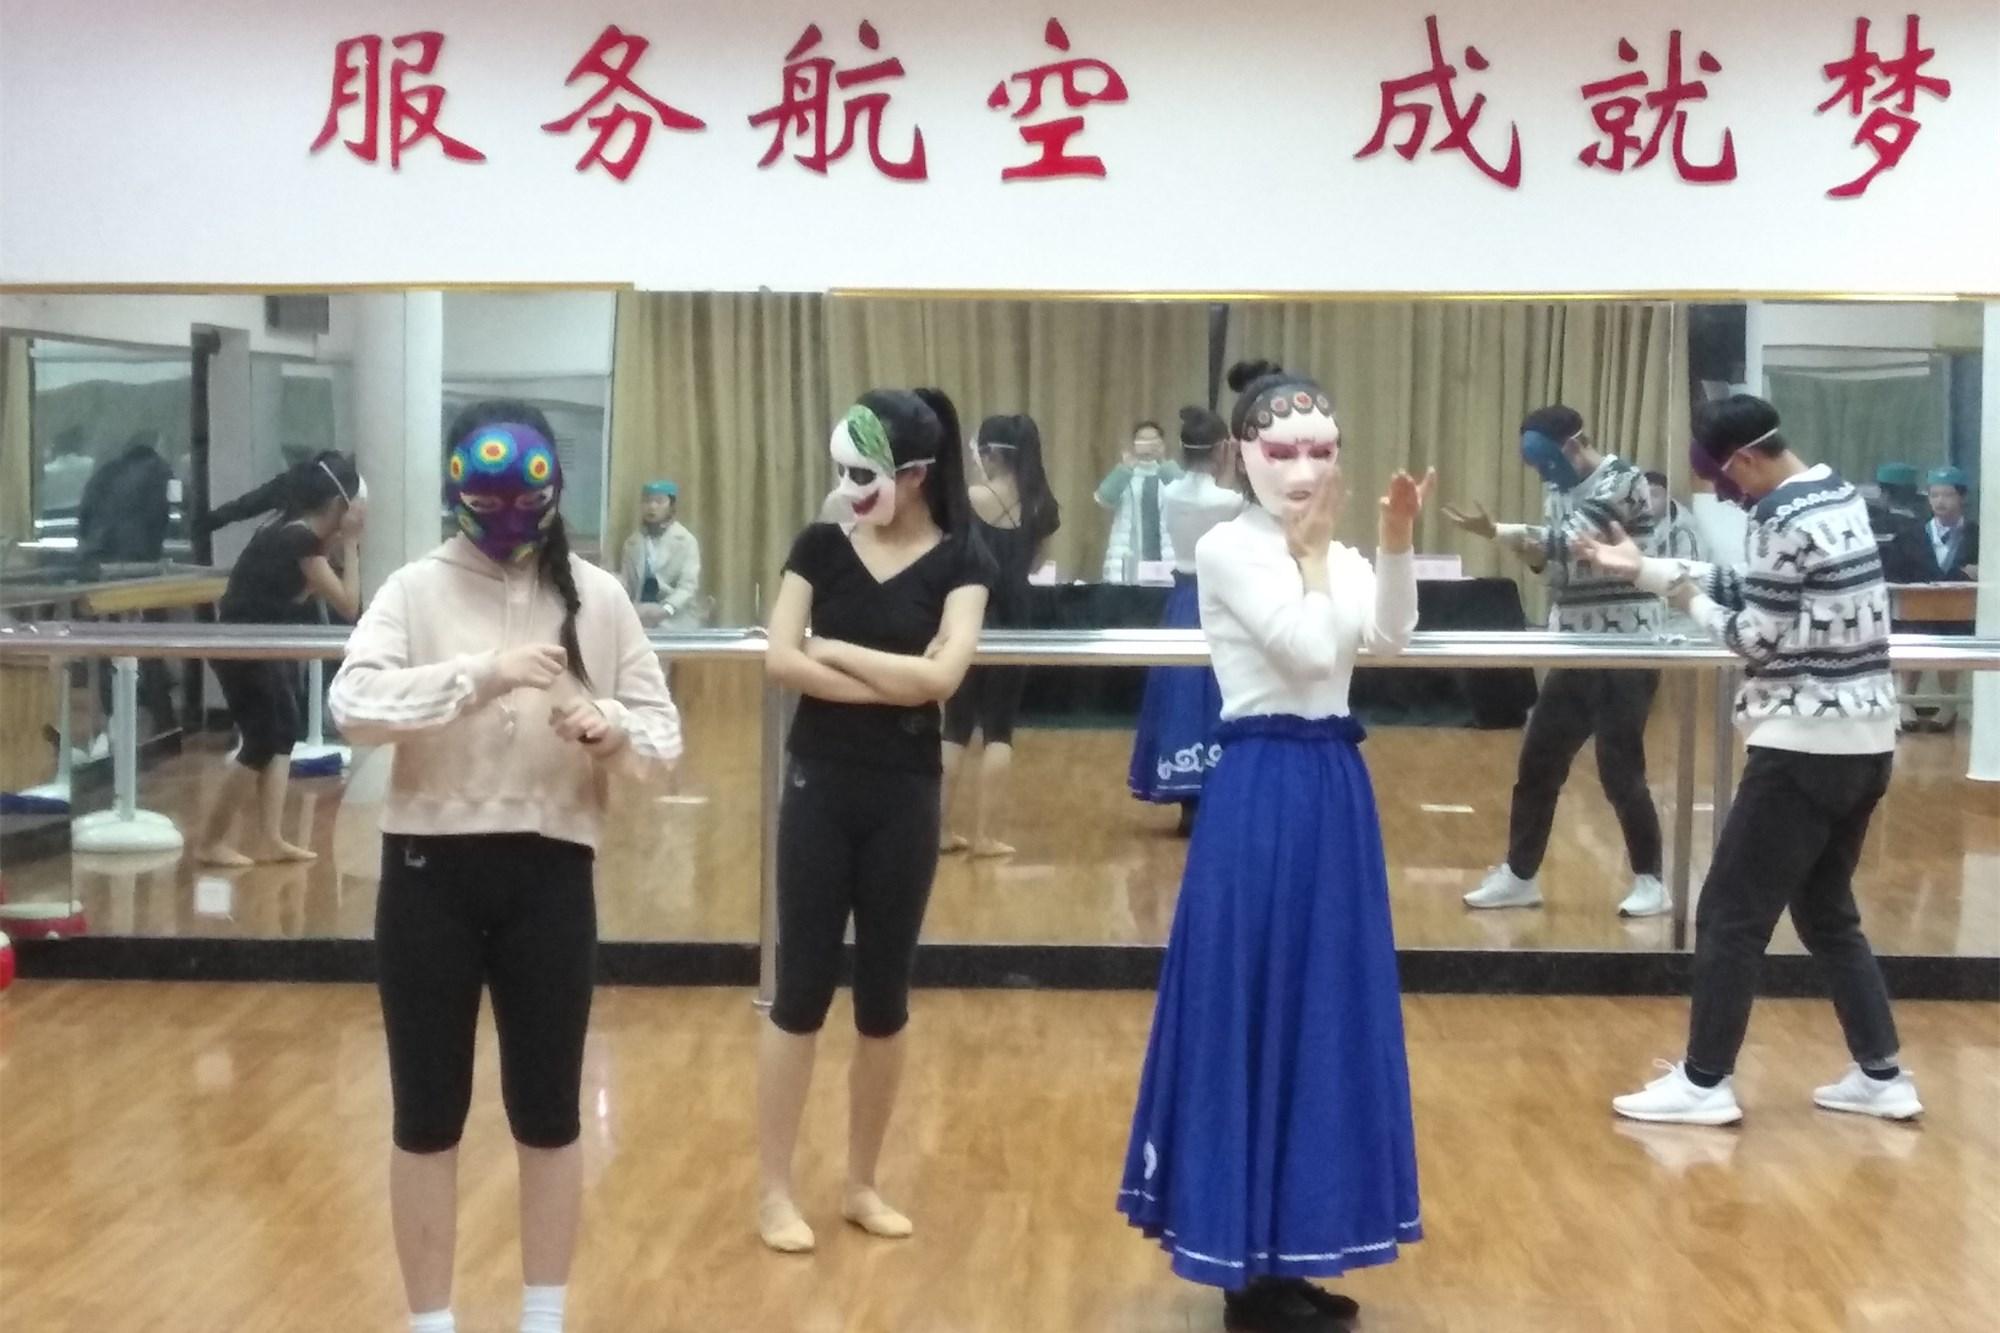 河南艺术中��n��/cyf_教育时讯 >正文    随着2019年的河南省高考艺术类统一考试的临近, 1